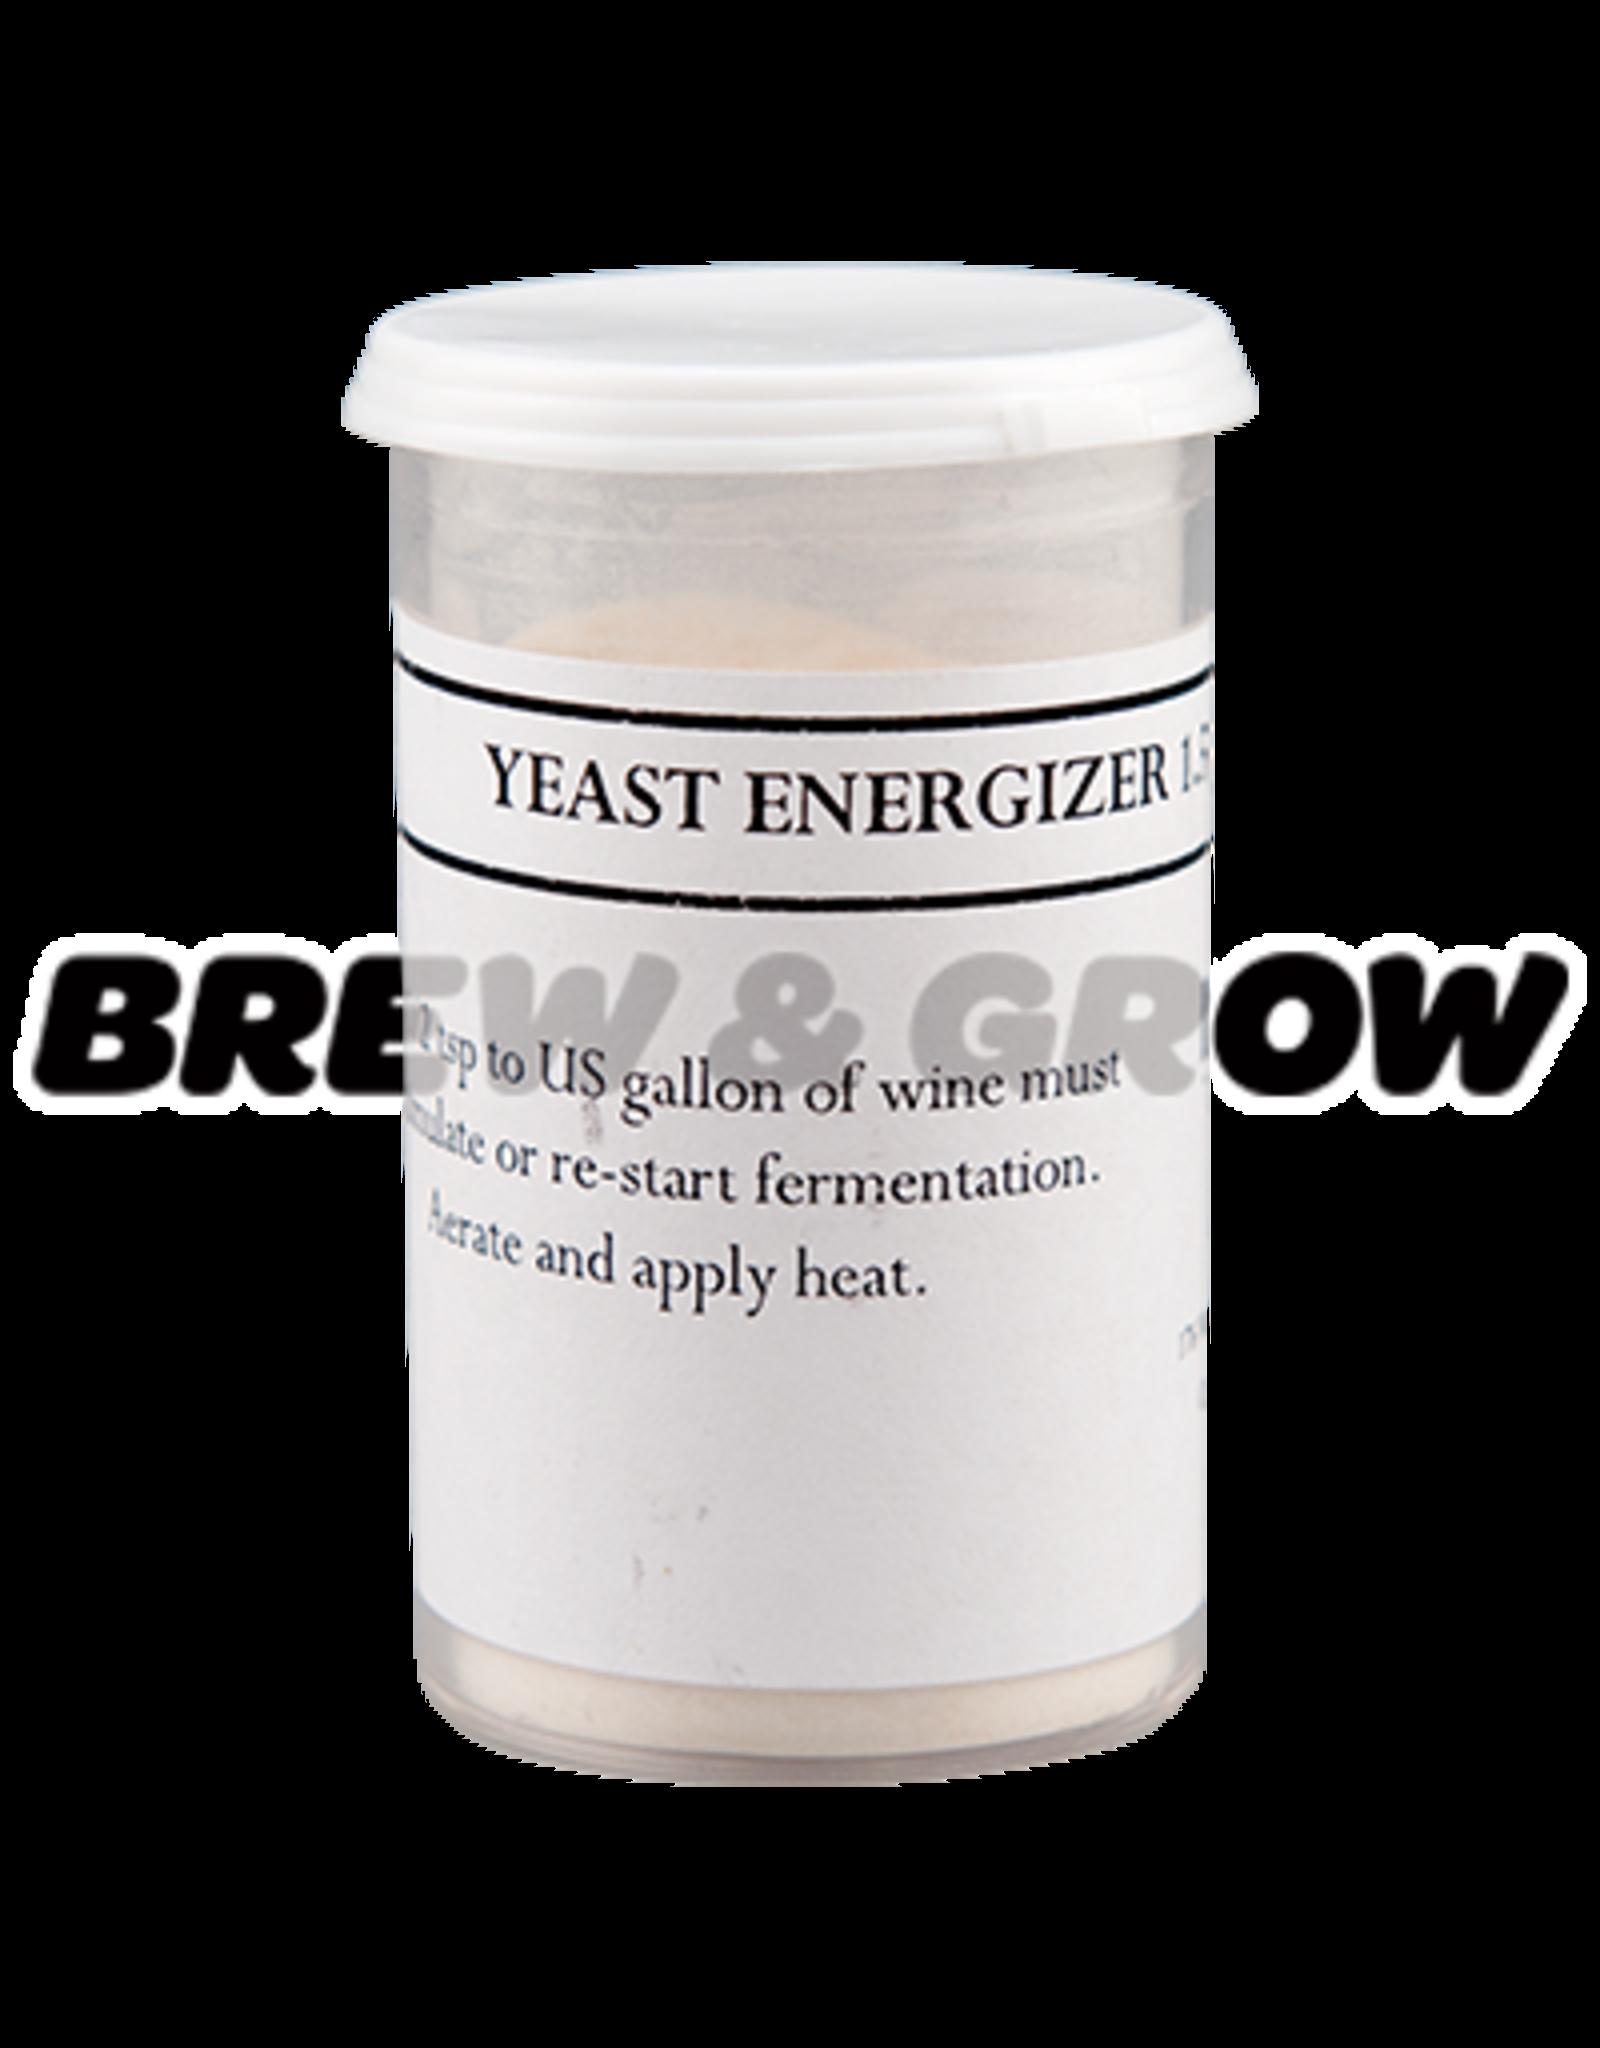 Yeast Energizer 1 oz